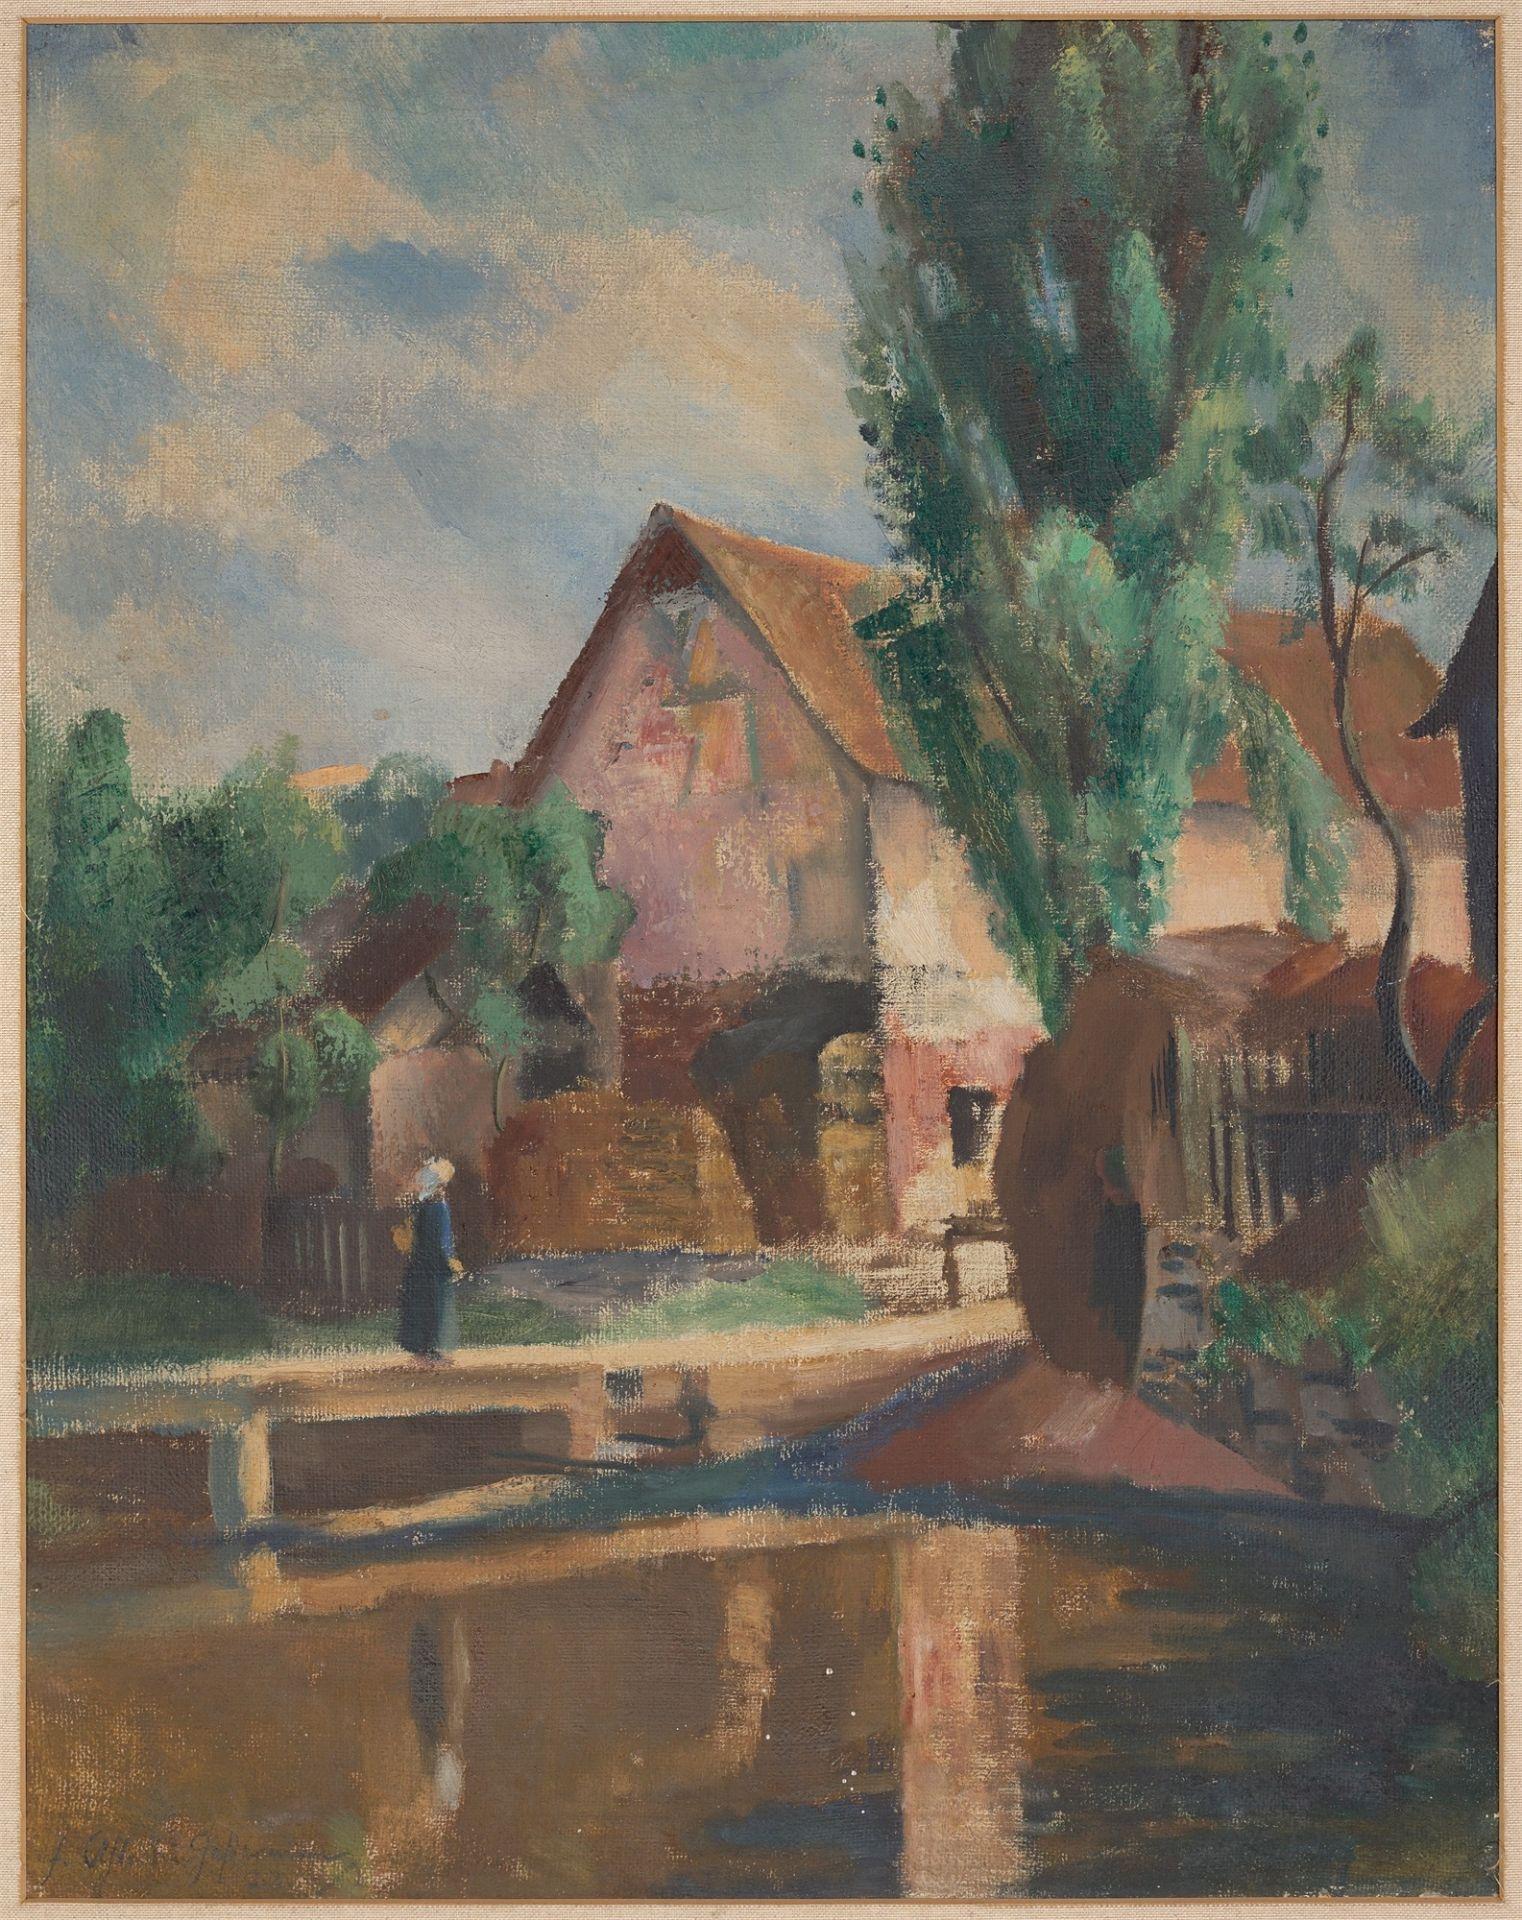 Friedrich Ahlers-Hestermann. Wesselhöft pond in Nienstedten. 1923 - Image 2 of 4